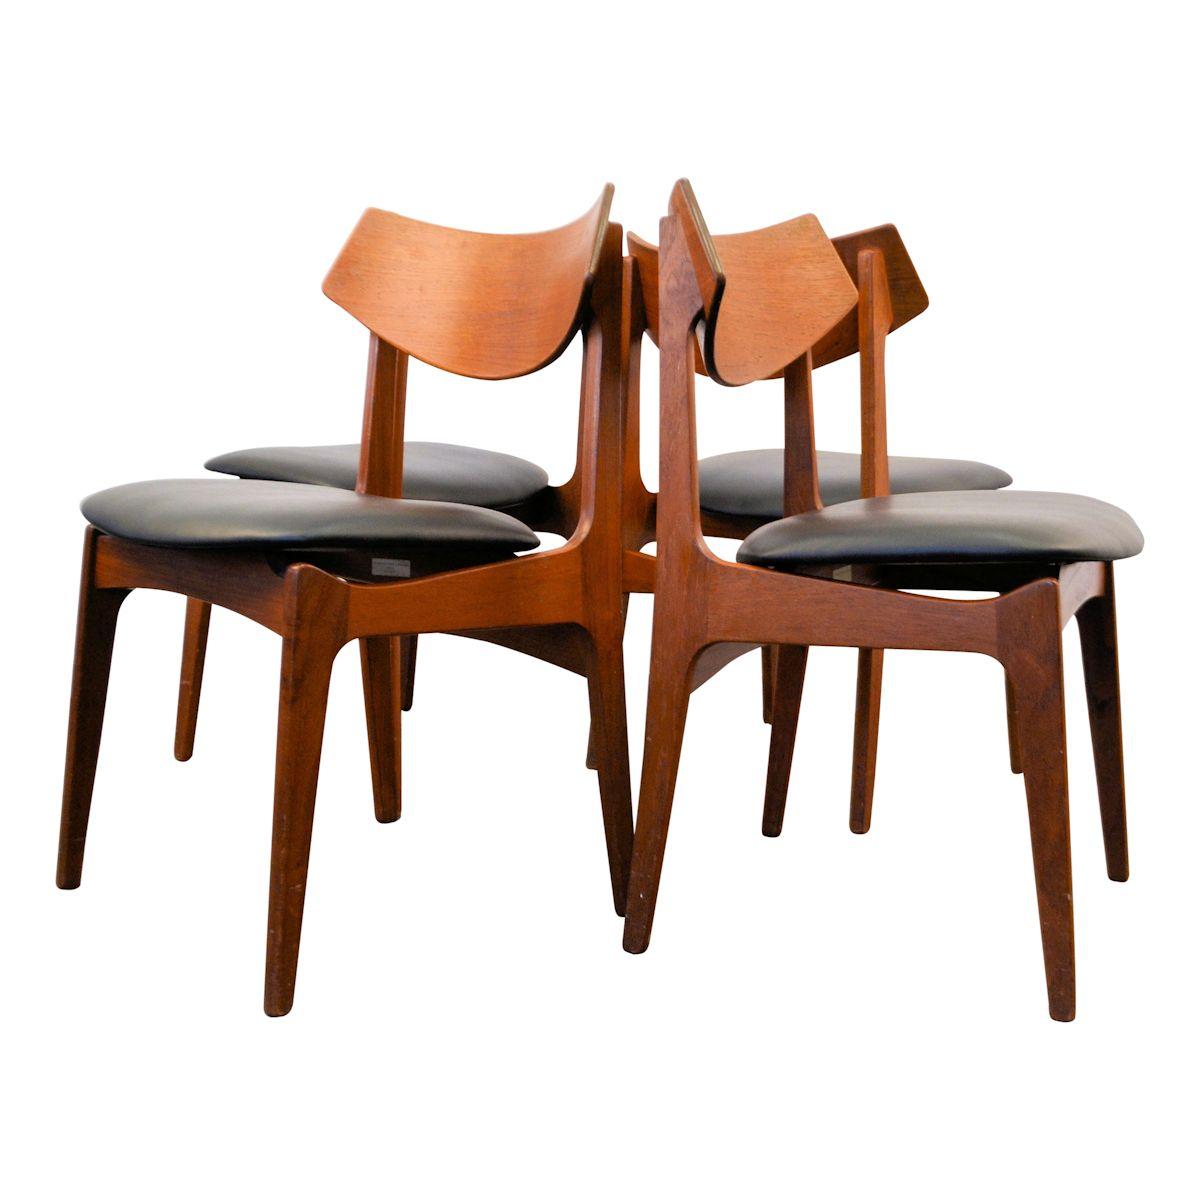 Vintage eetkamerstoelen van Funder-Schmidt & Madsen